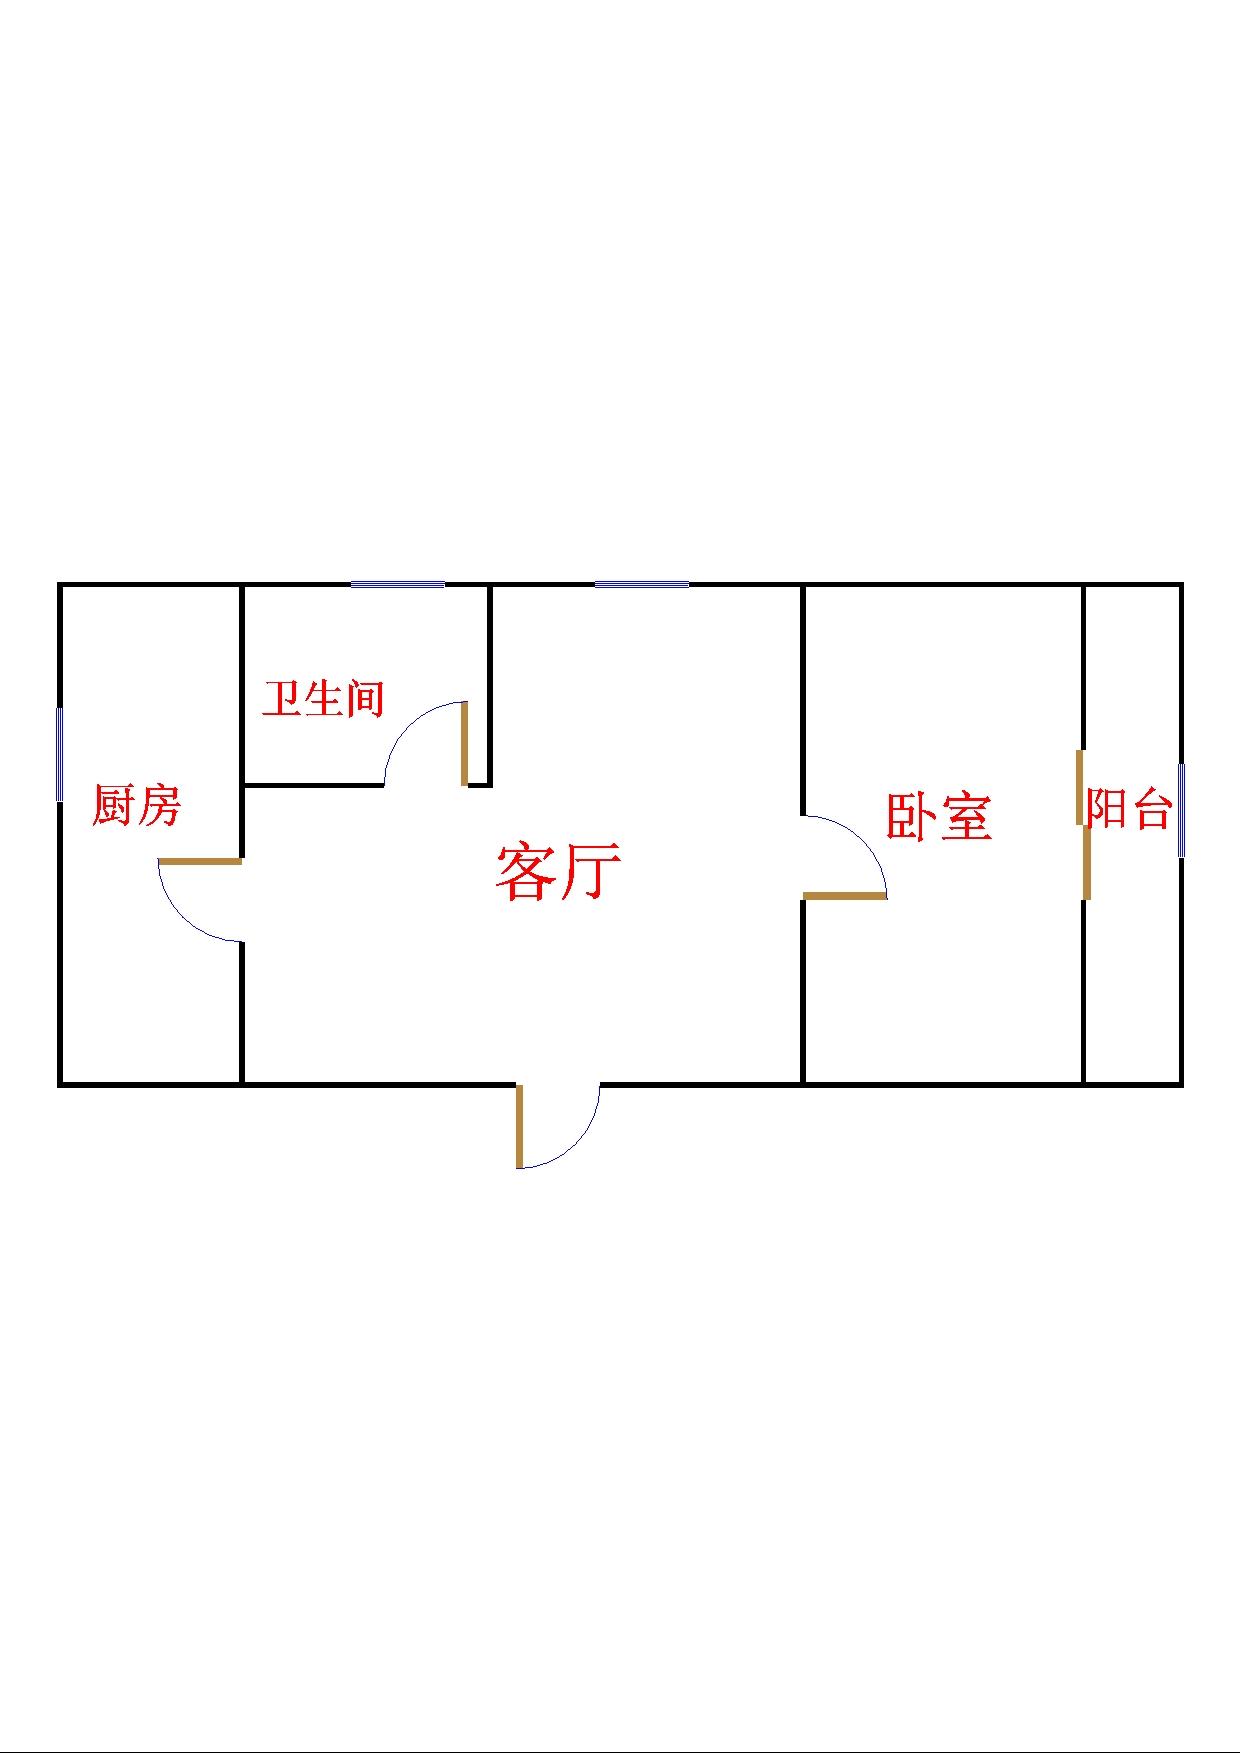 新城市花园小区 1室1厅 6楼